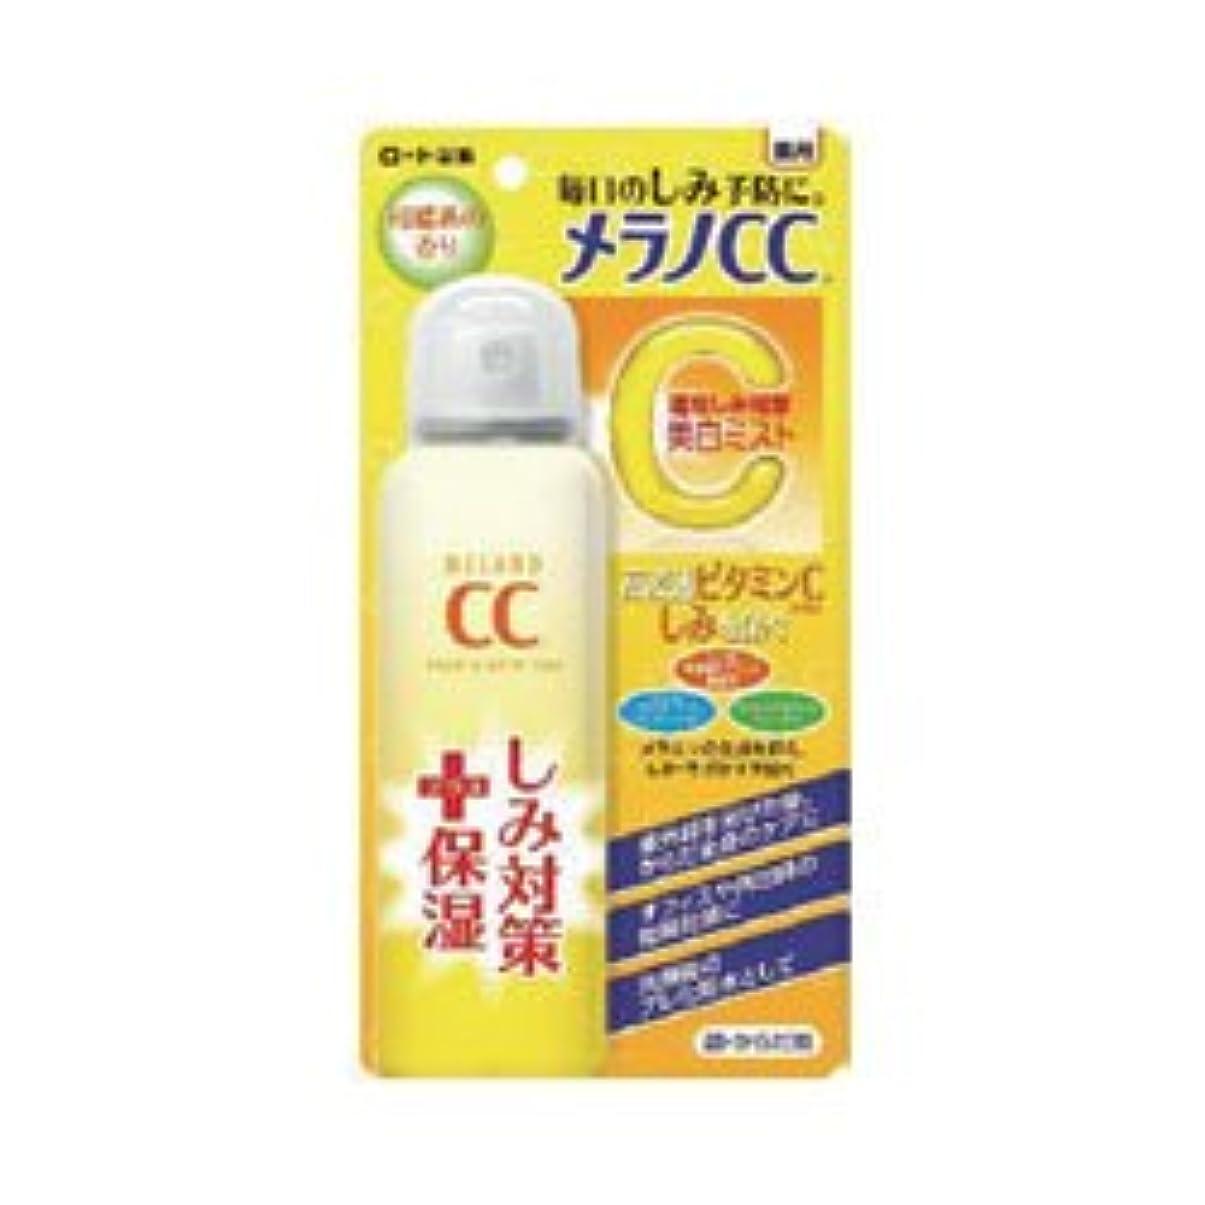 規制する寛容なヒューム【ロート製薬】メラノCC 薬用しみ対策 美白ミスト化粧水 100g ×20個セット